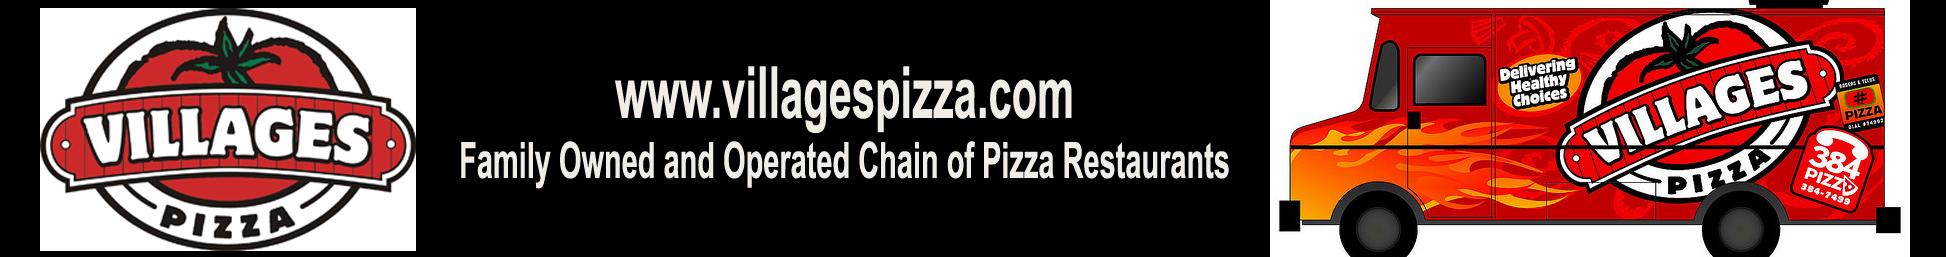 Villages Pizza